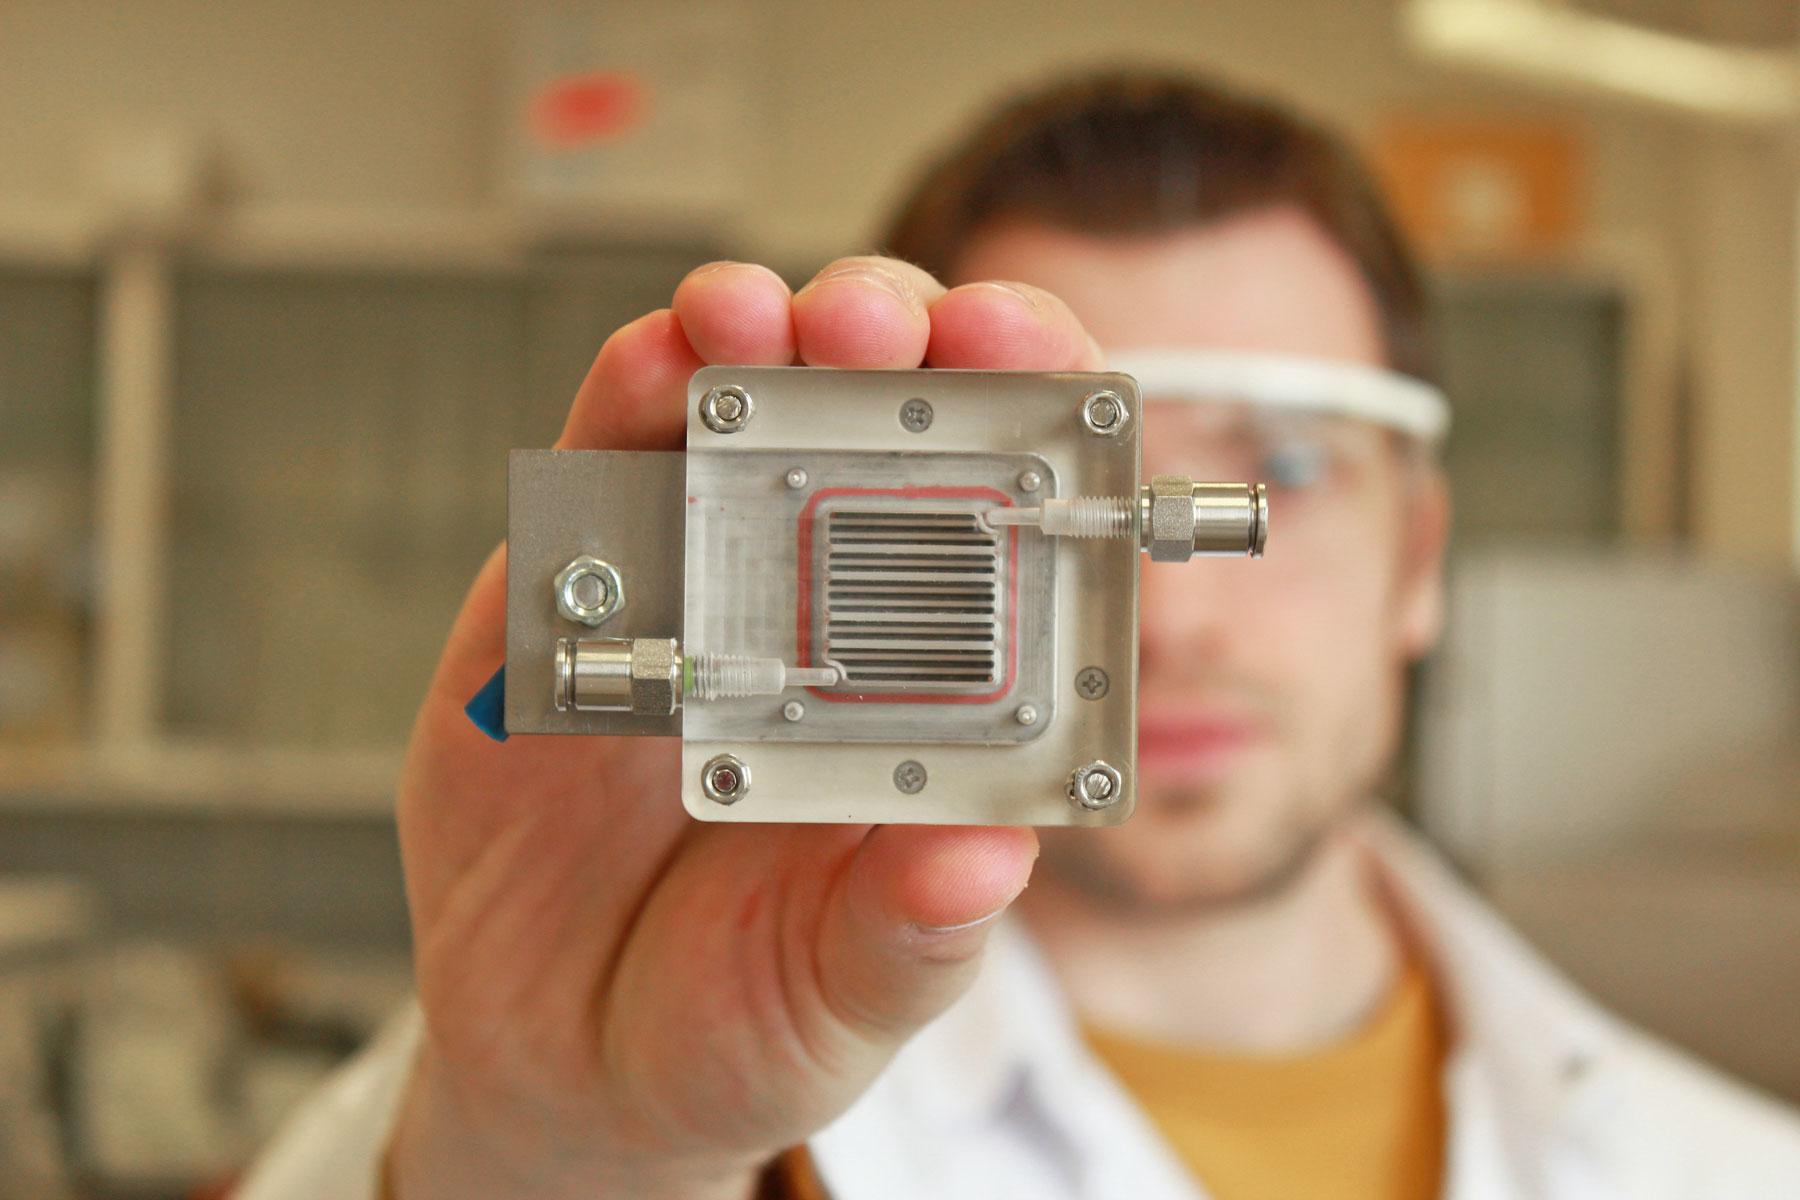 apparaat dat vervuilde lucht omzet in brandstof